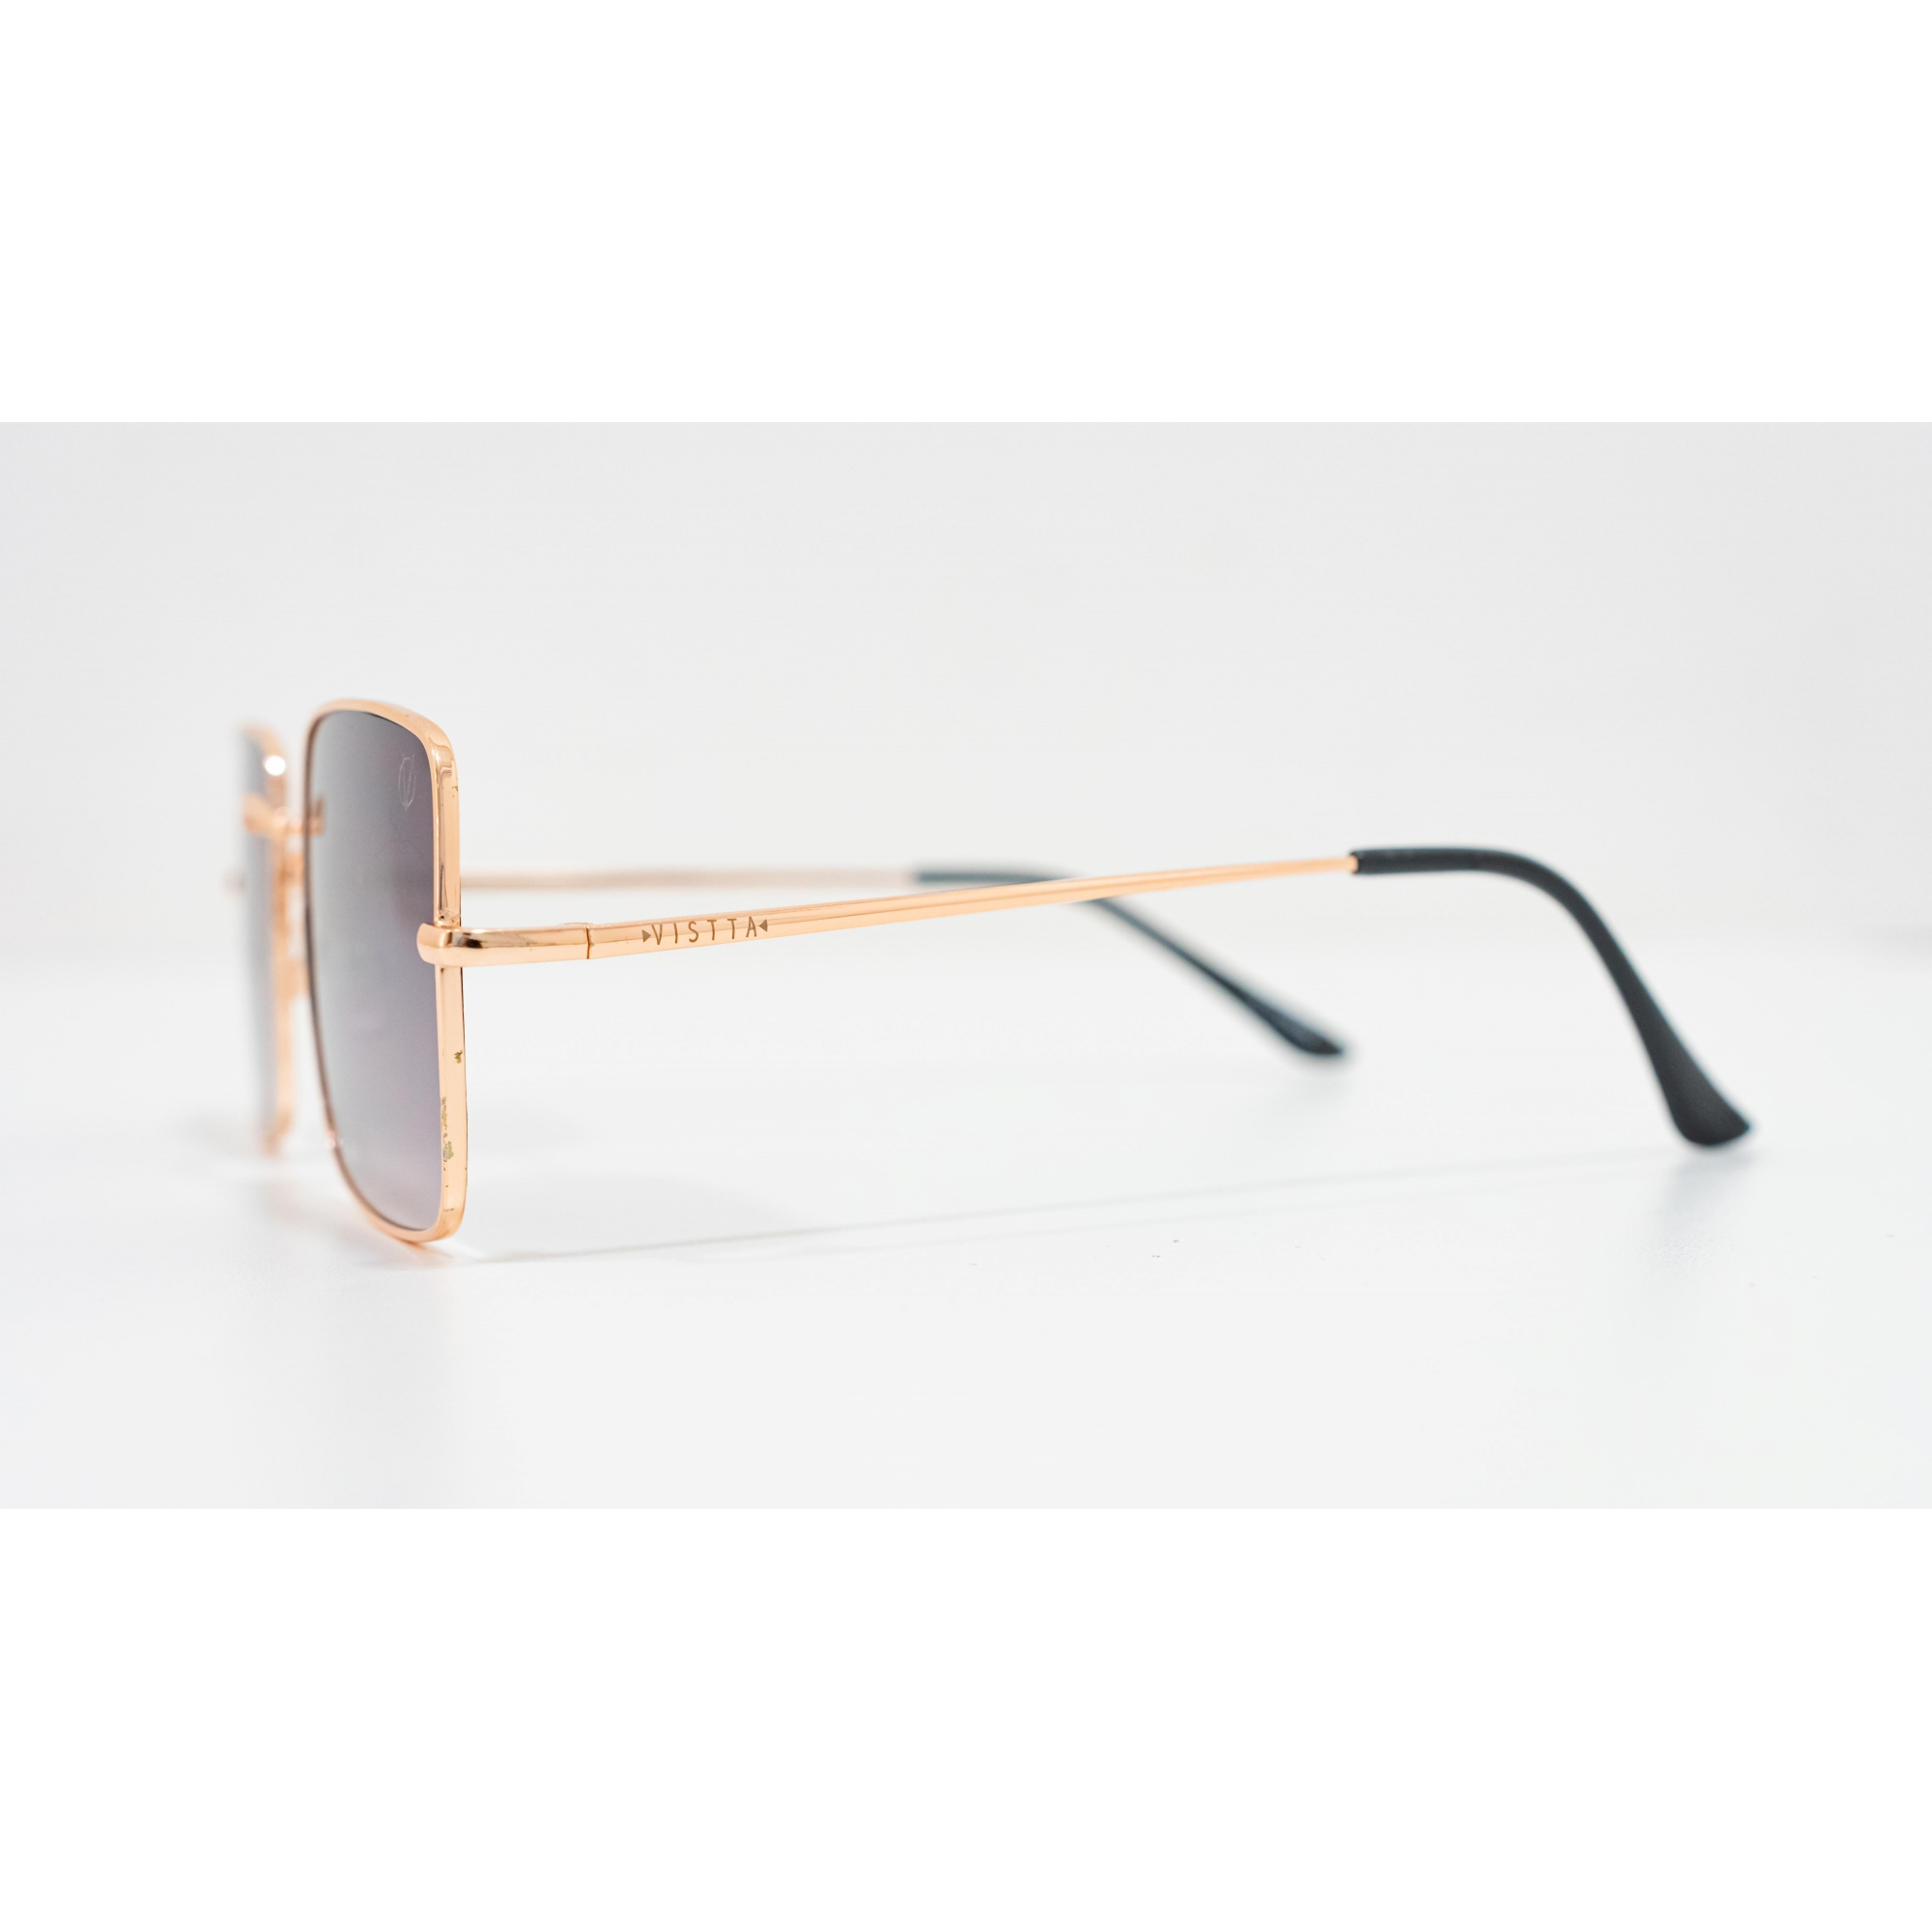 Óculos Vistta Aping Quadrado HO2118 C5 59 Dourado